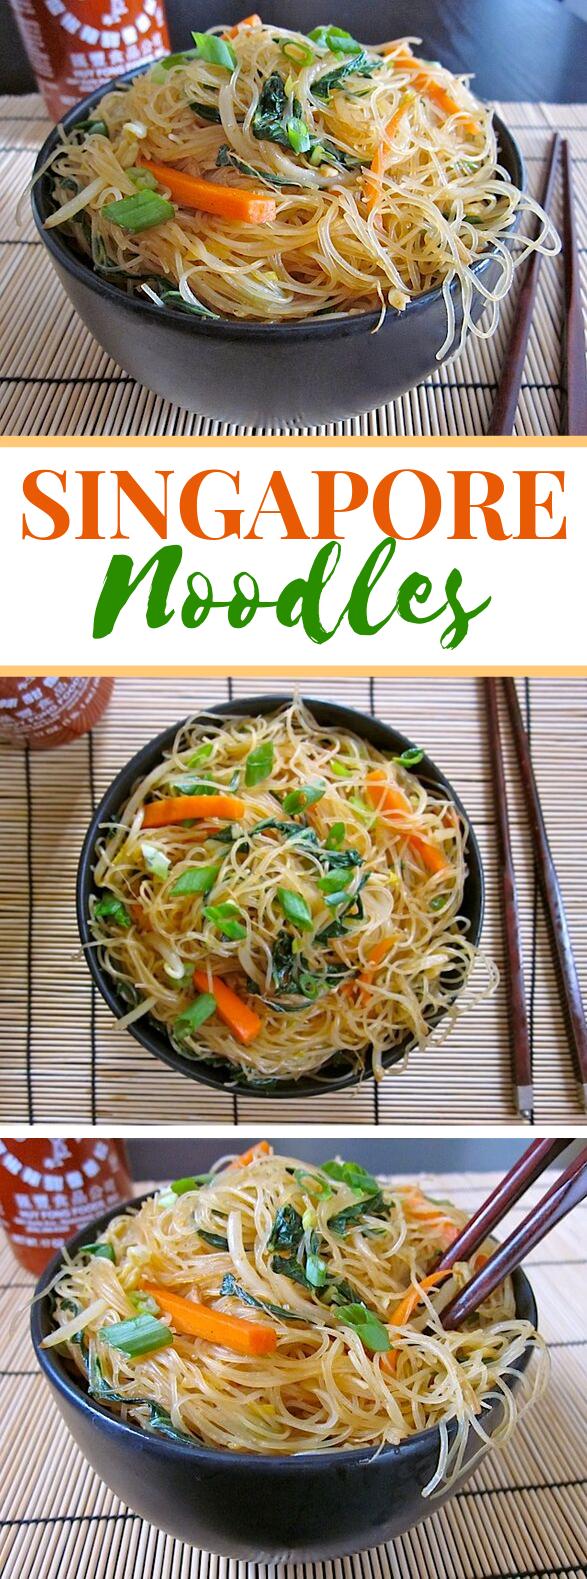 SINGAPORE NOODLES #vegetarian #vegetables